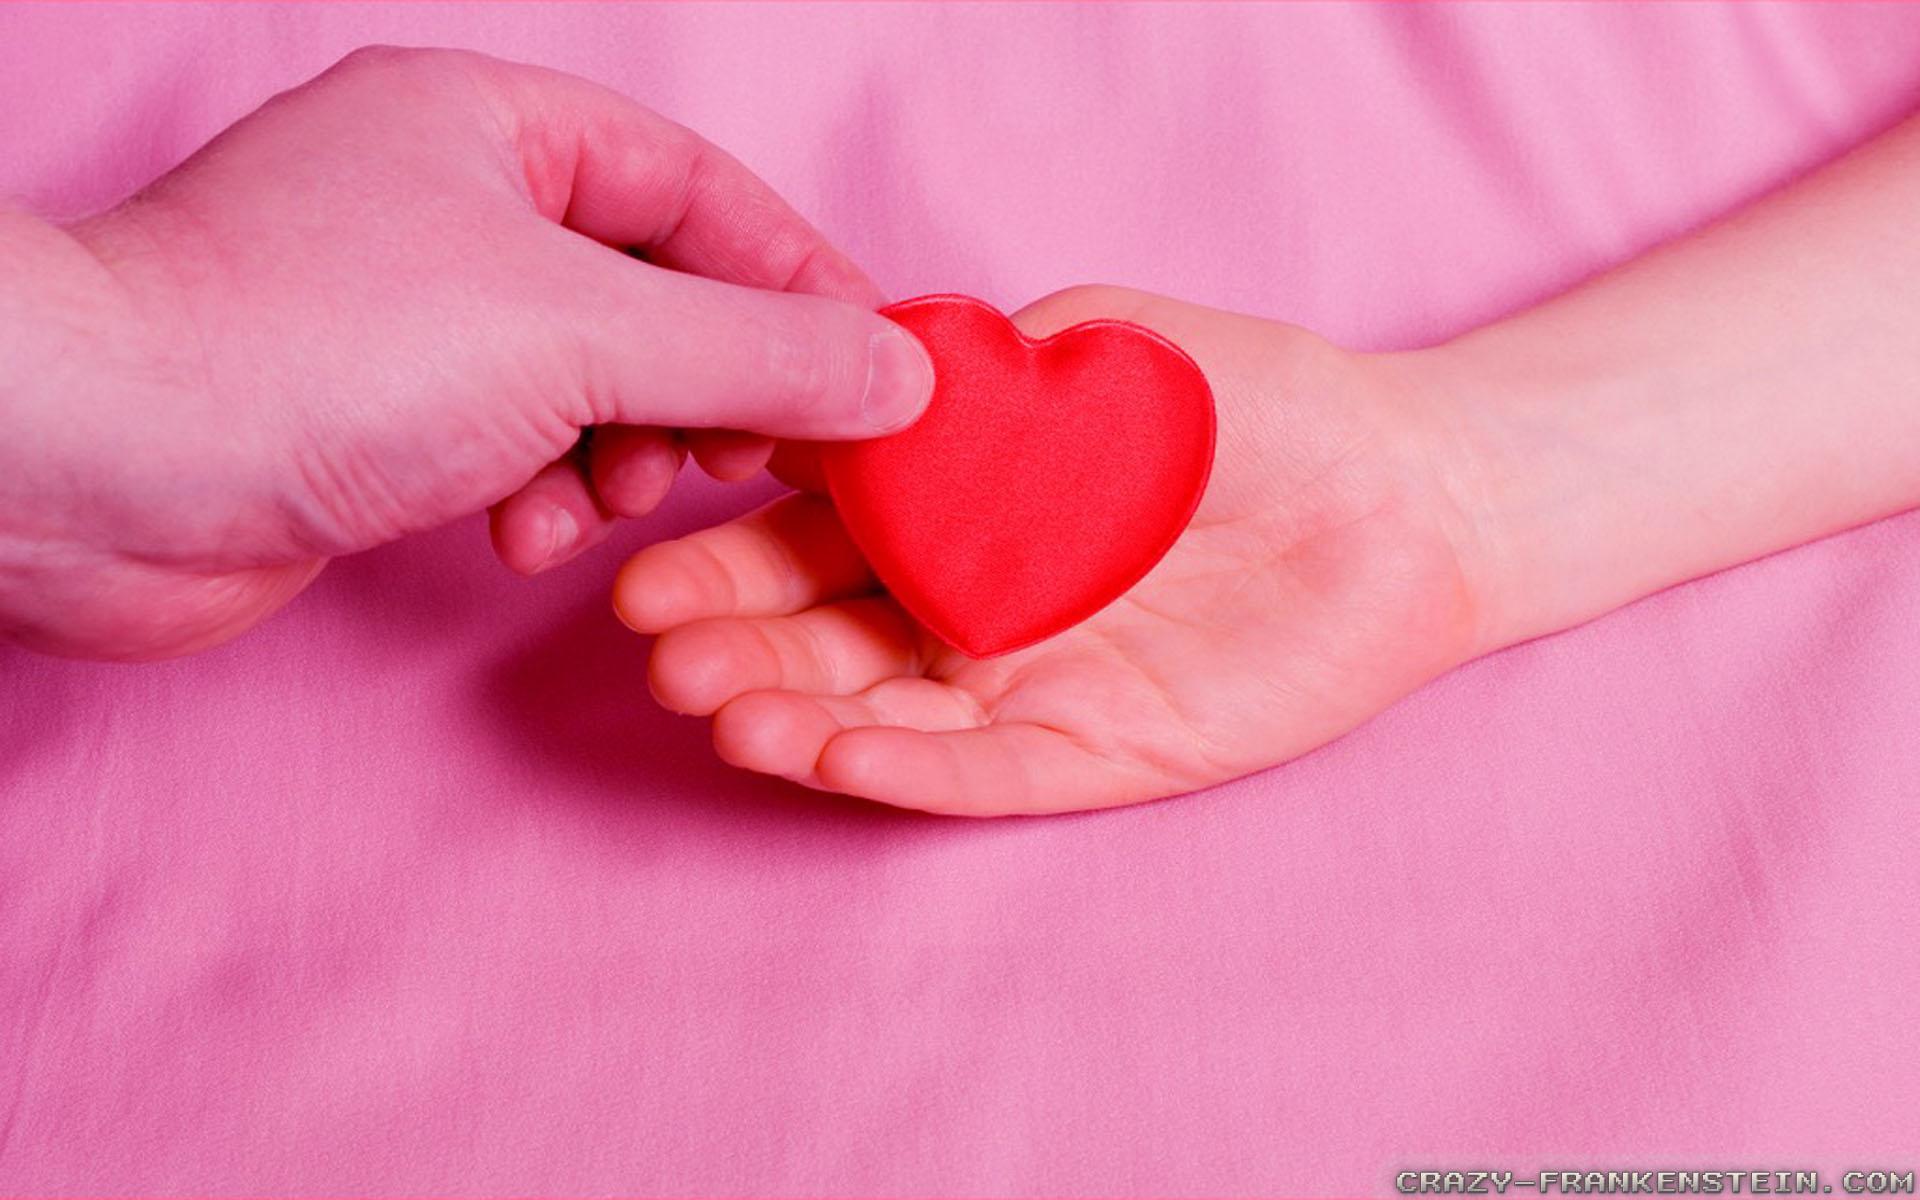 Hãy trao yêu thương cho tất cả mọi người